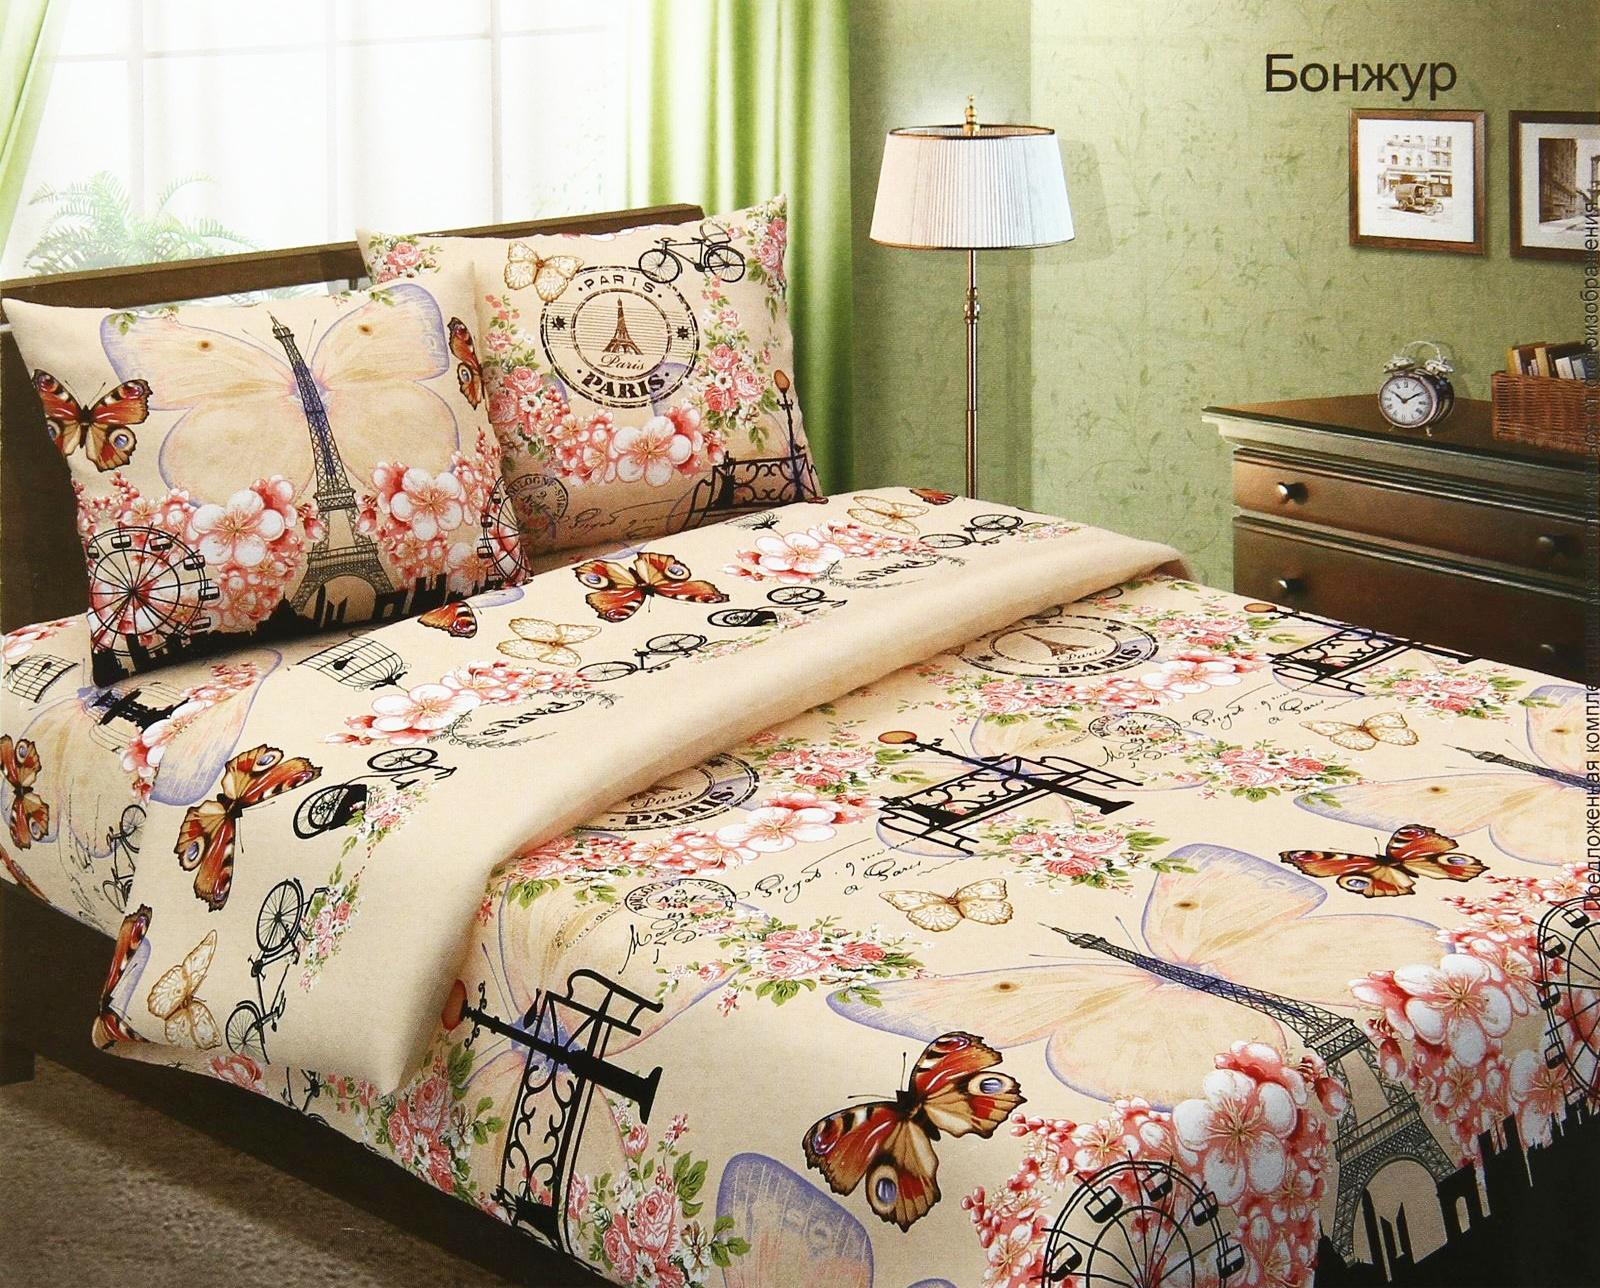 Комплект постельного белья БонжурБязь<br><br><br>Размер: 2 спальный